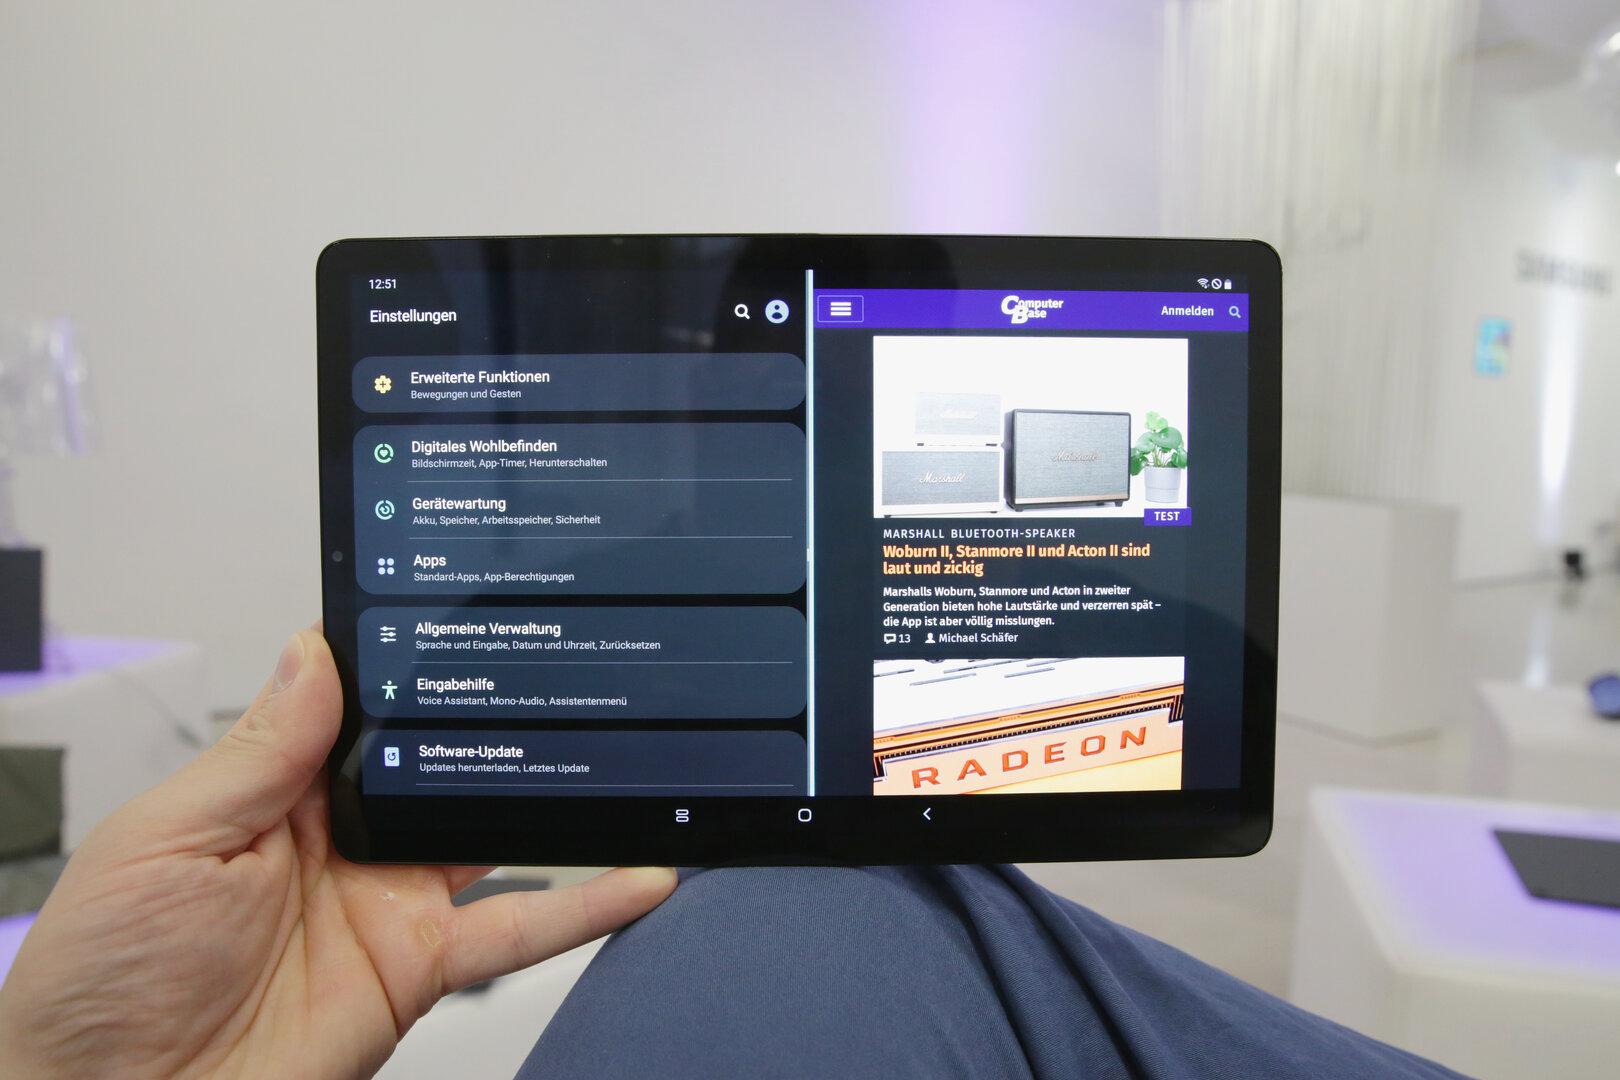 Galaxy Tab A 10.1 (2019) mit One UI im Dark Mode